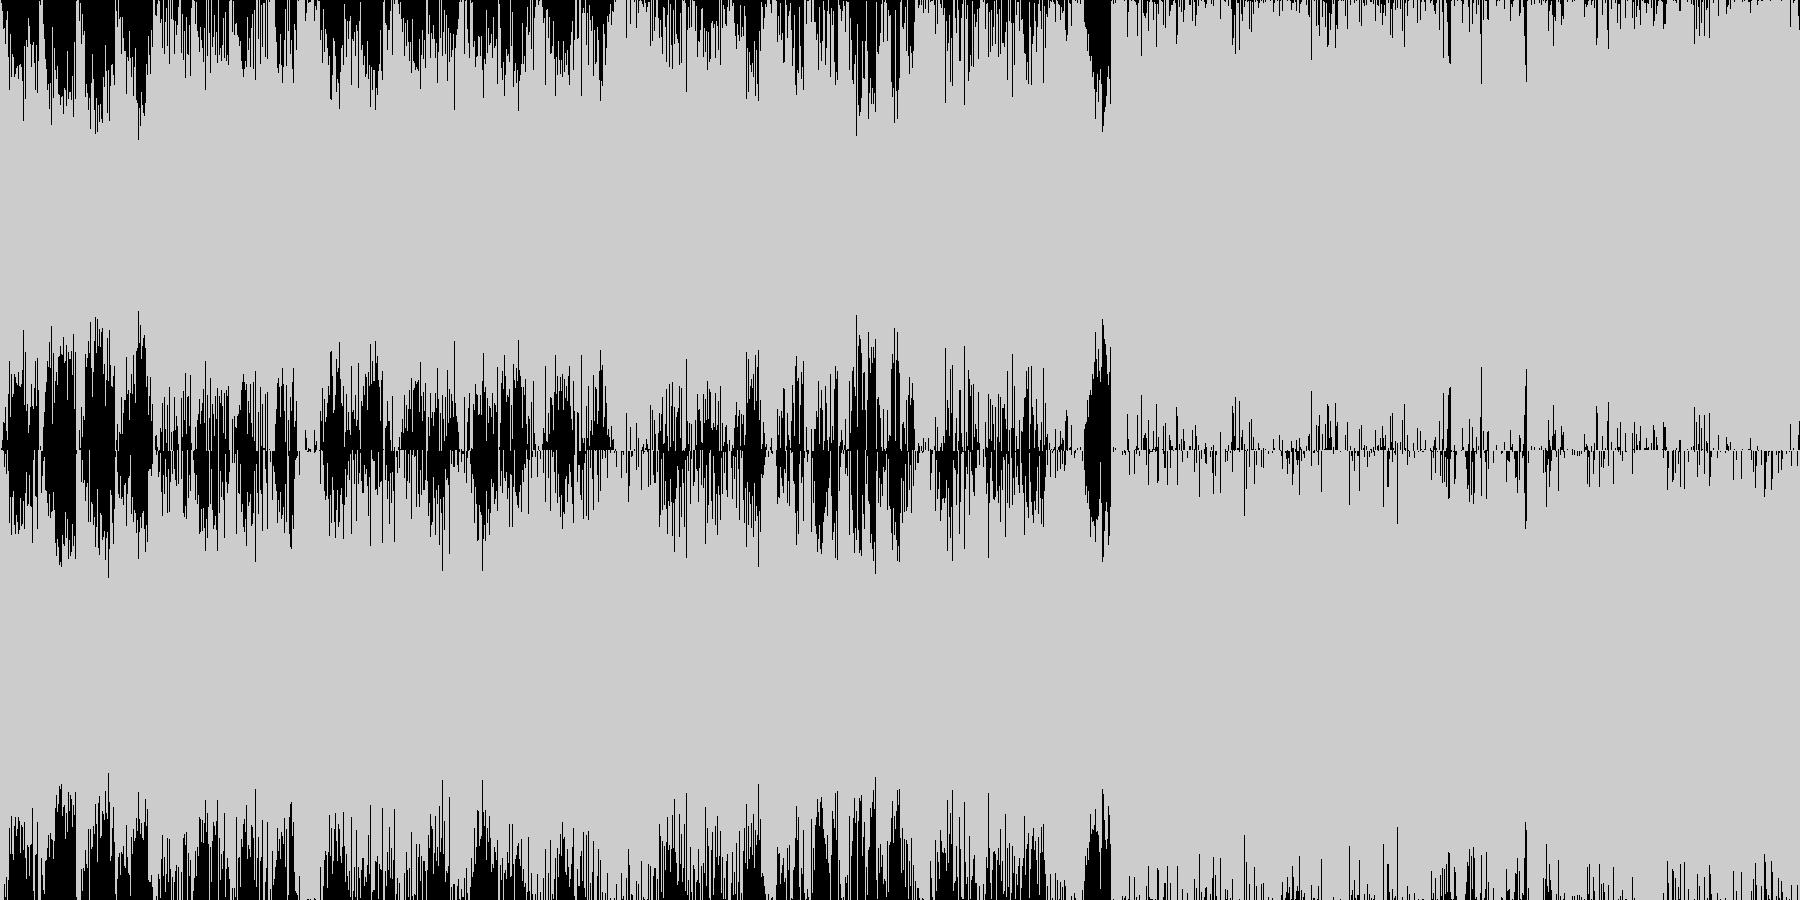 映画音楽的高速ブレイクス■ループ版の未再生の波形